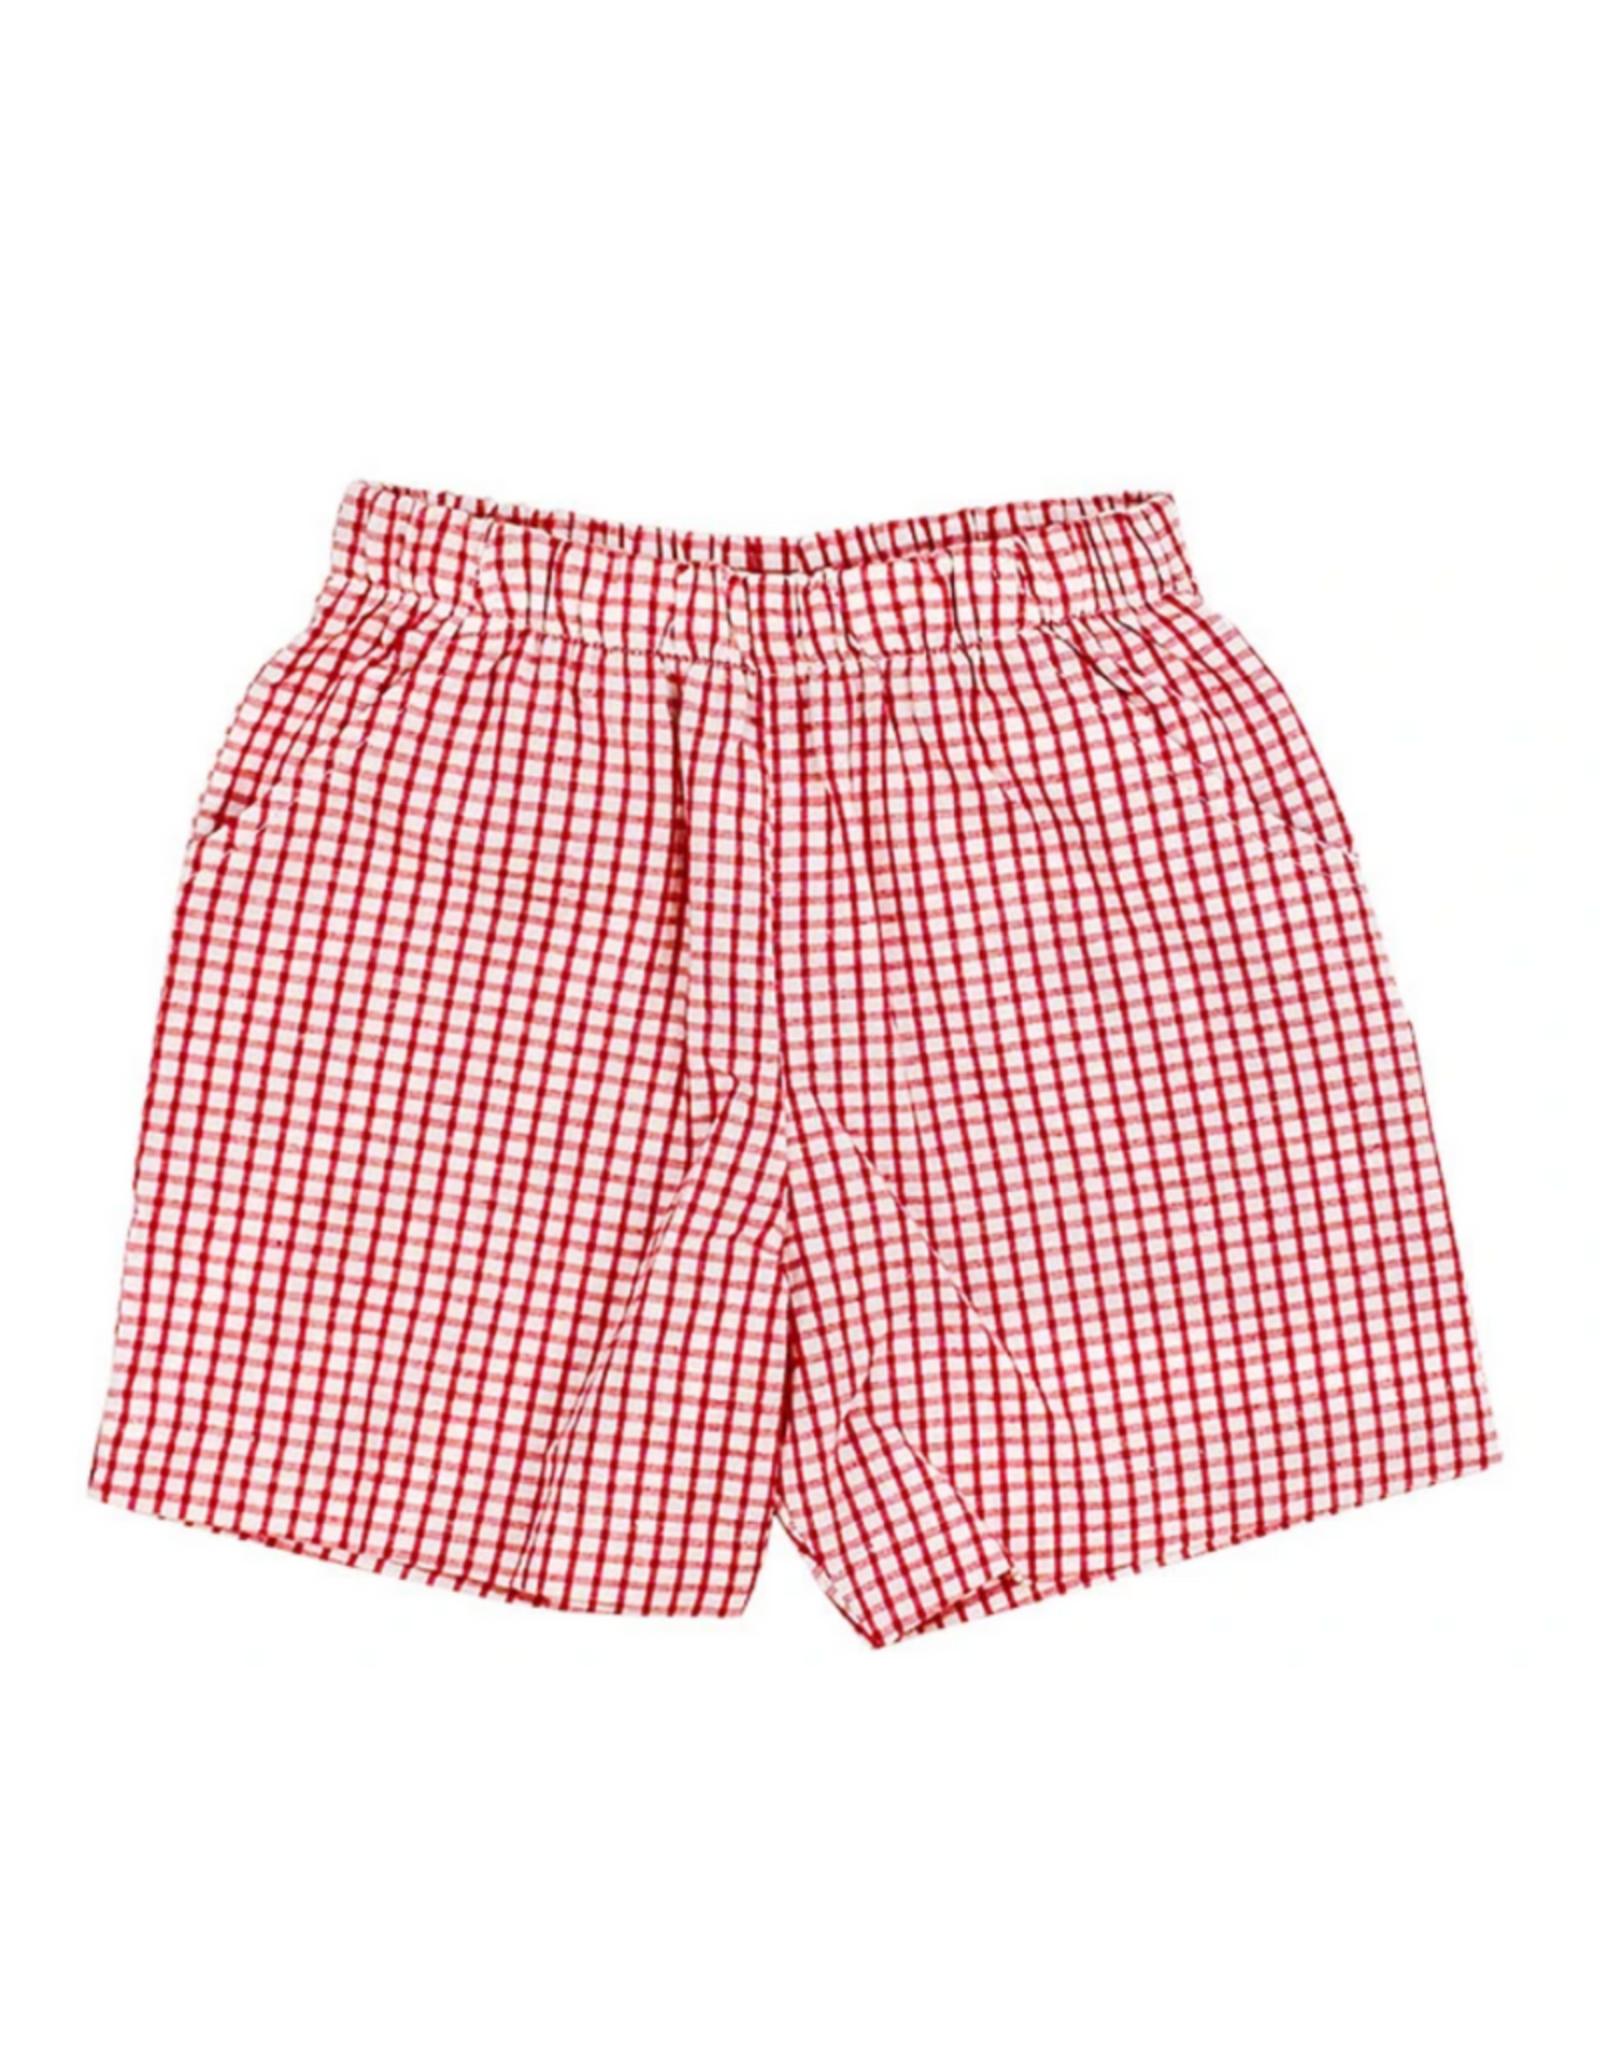 The Bailey Boys Red Windowpane Elastic Waist Short